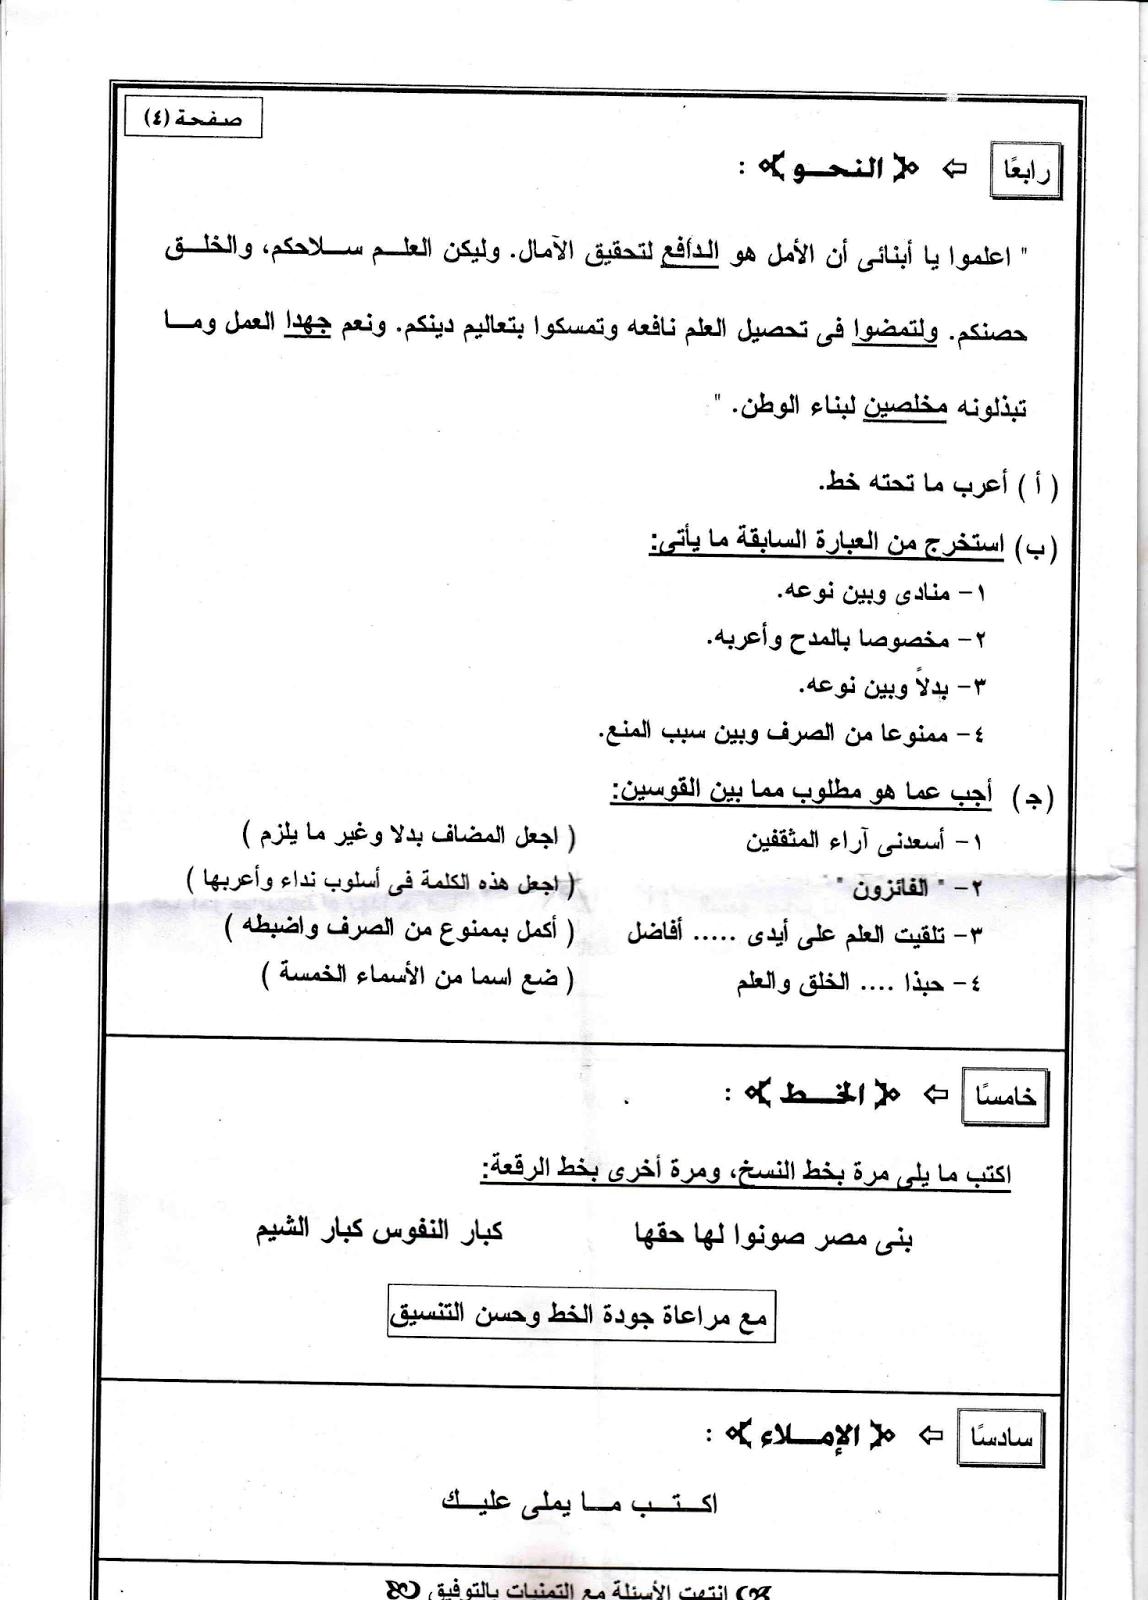 لامتحان نصف العام 2015_امتحان لغة عربية 3 اعدادى الجيزة 2015 %D9%84%D8%BA%D8%A9%2B%D8%B9%D8%B1%D8%A8%D9%8A%D8%A9%2B%D8%AC%D9%8A%D8%B2%D8%A9%2B2014_004